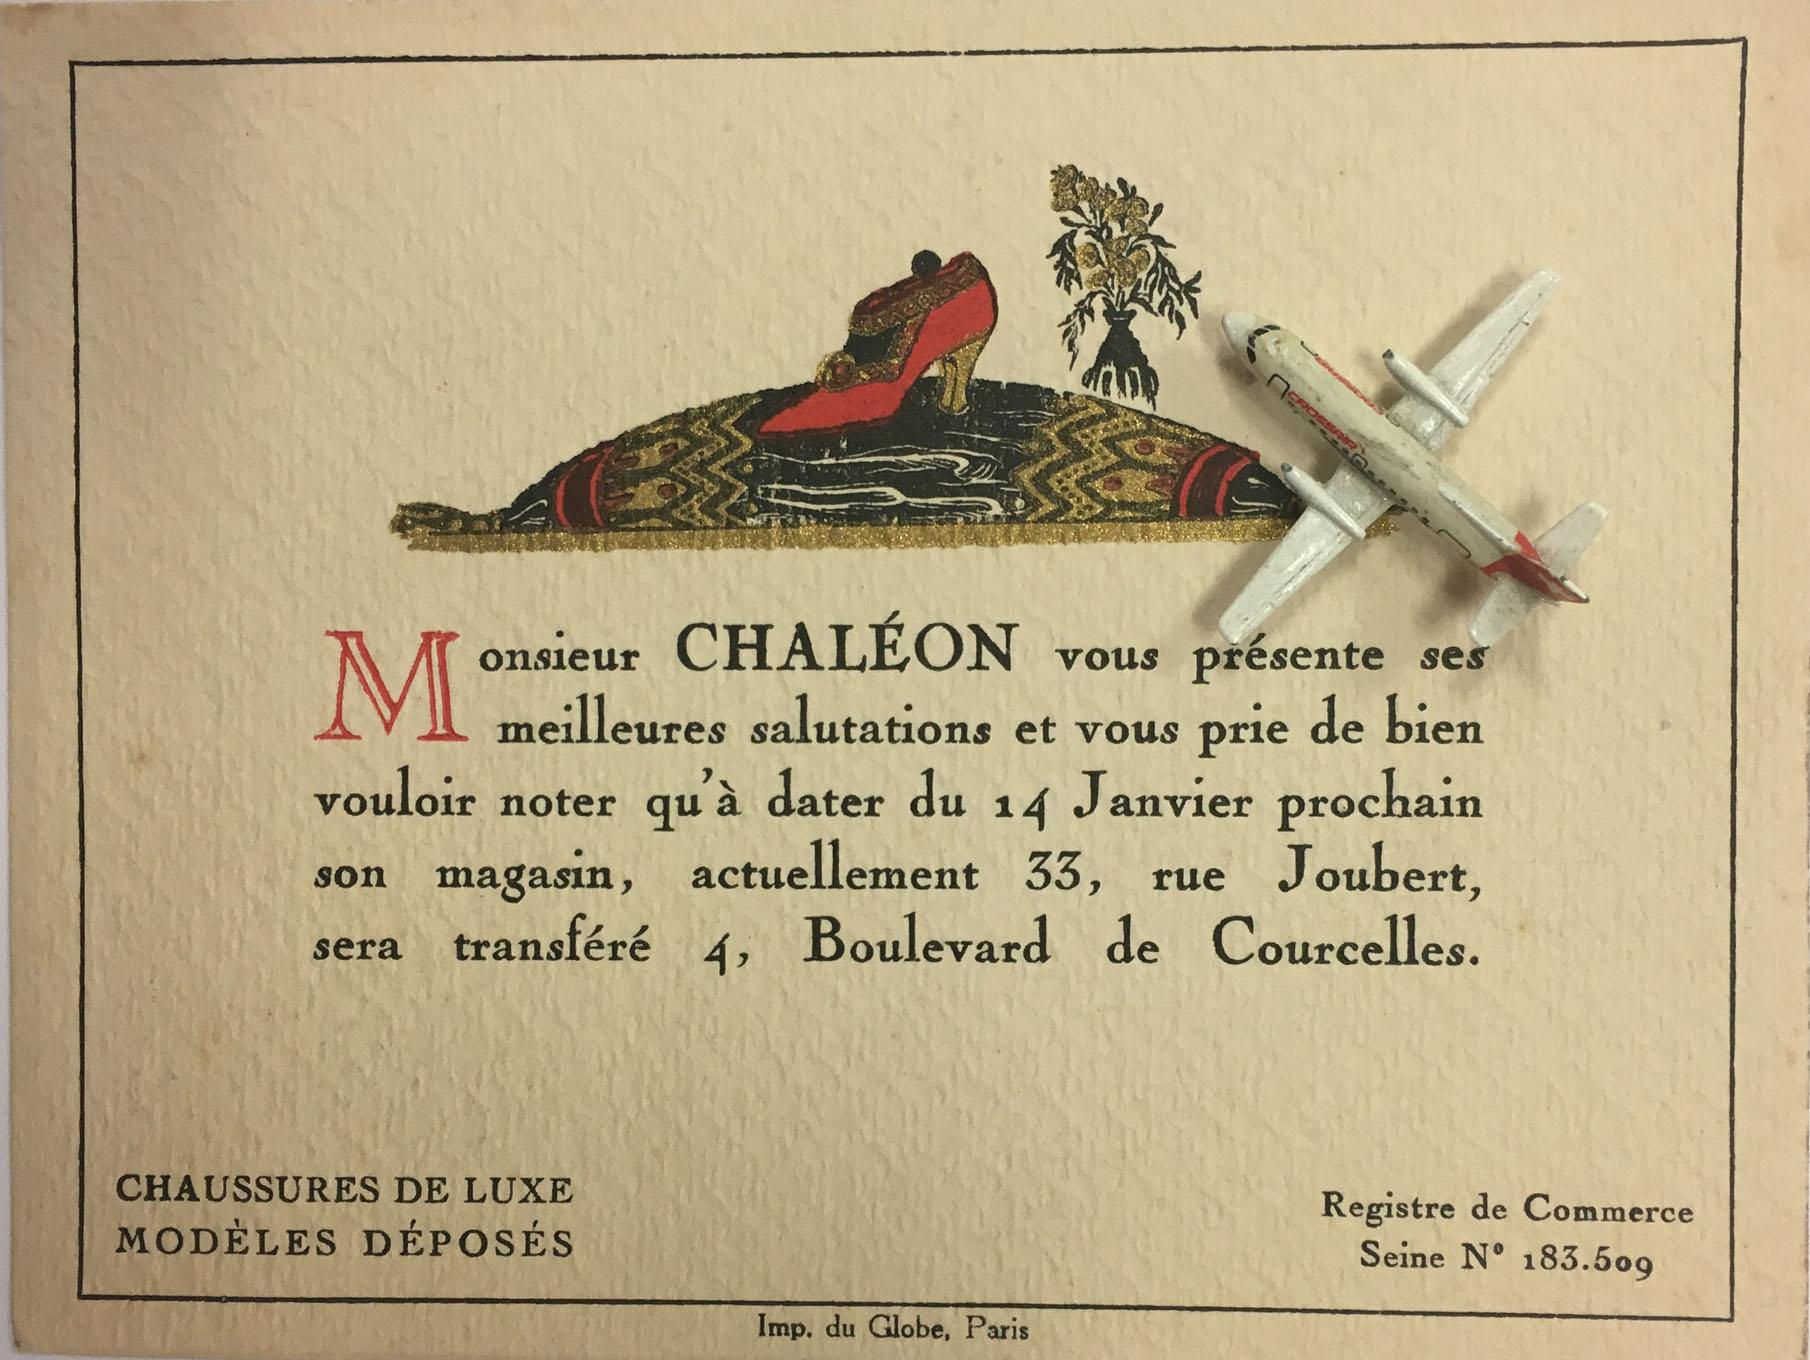 CHALON Chaussures De Luxe Paris